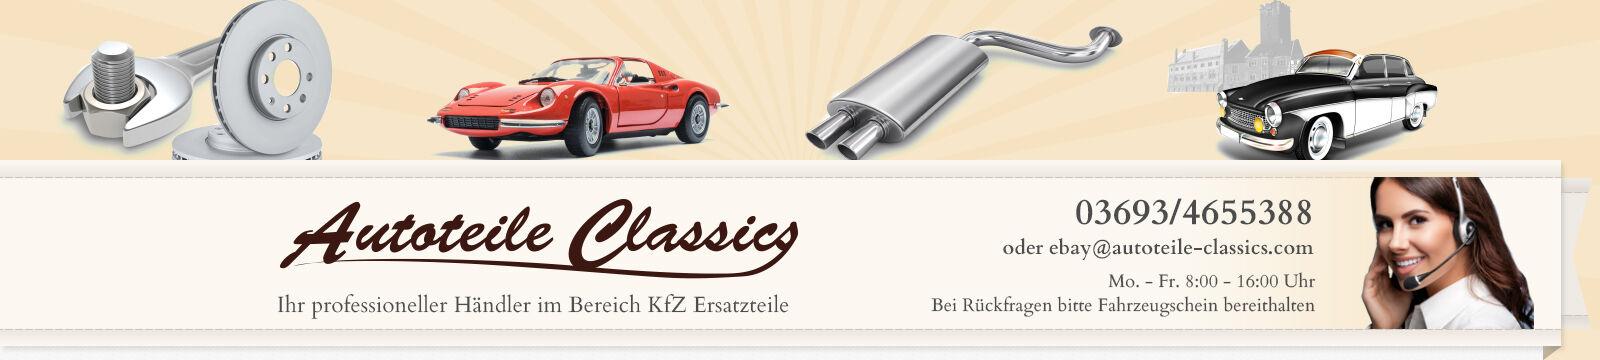 Autoteile Classics Shop